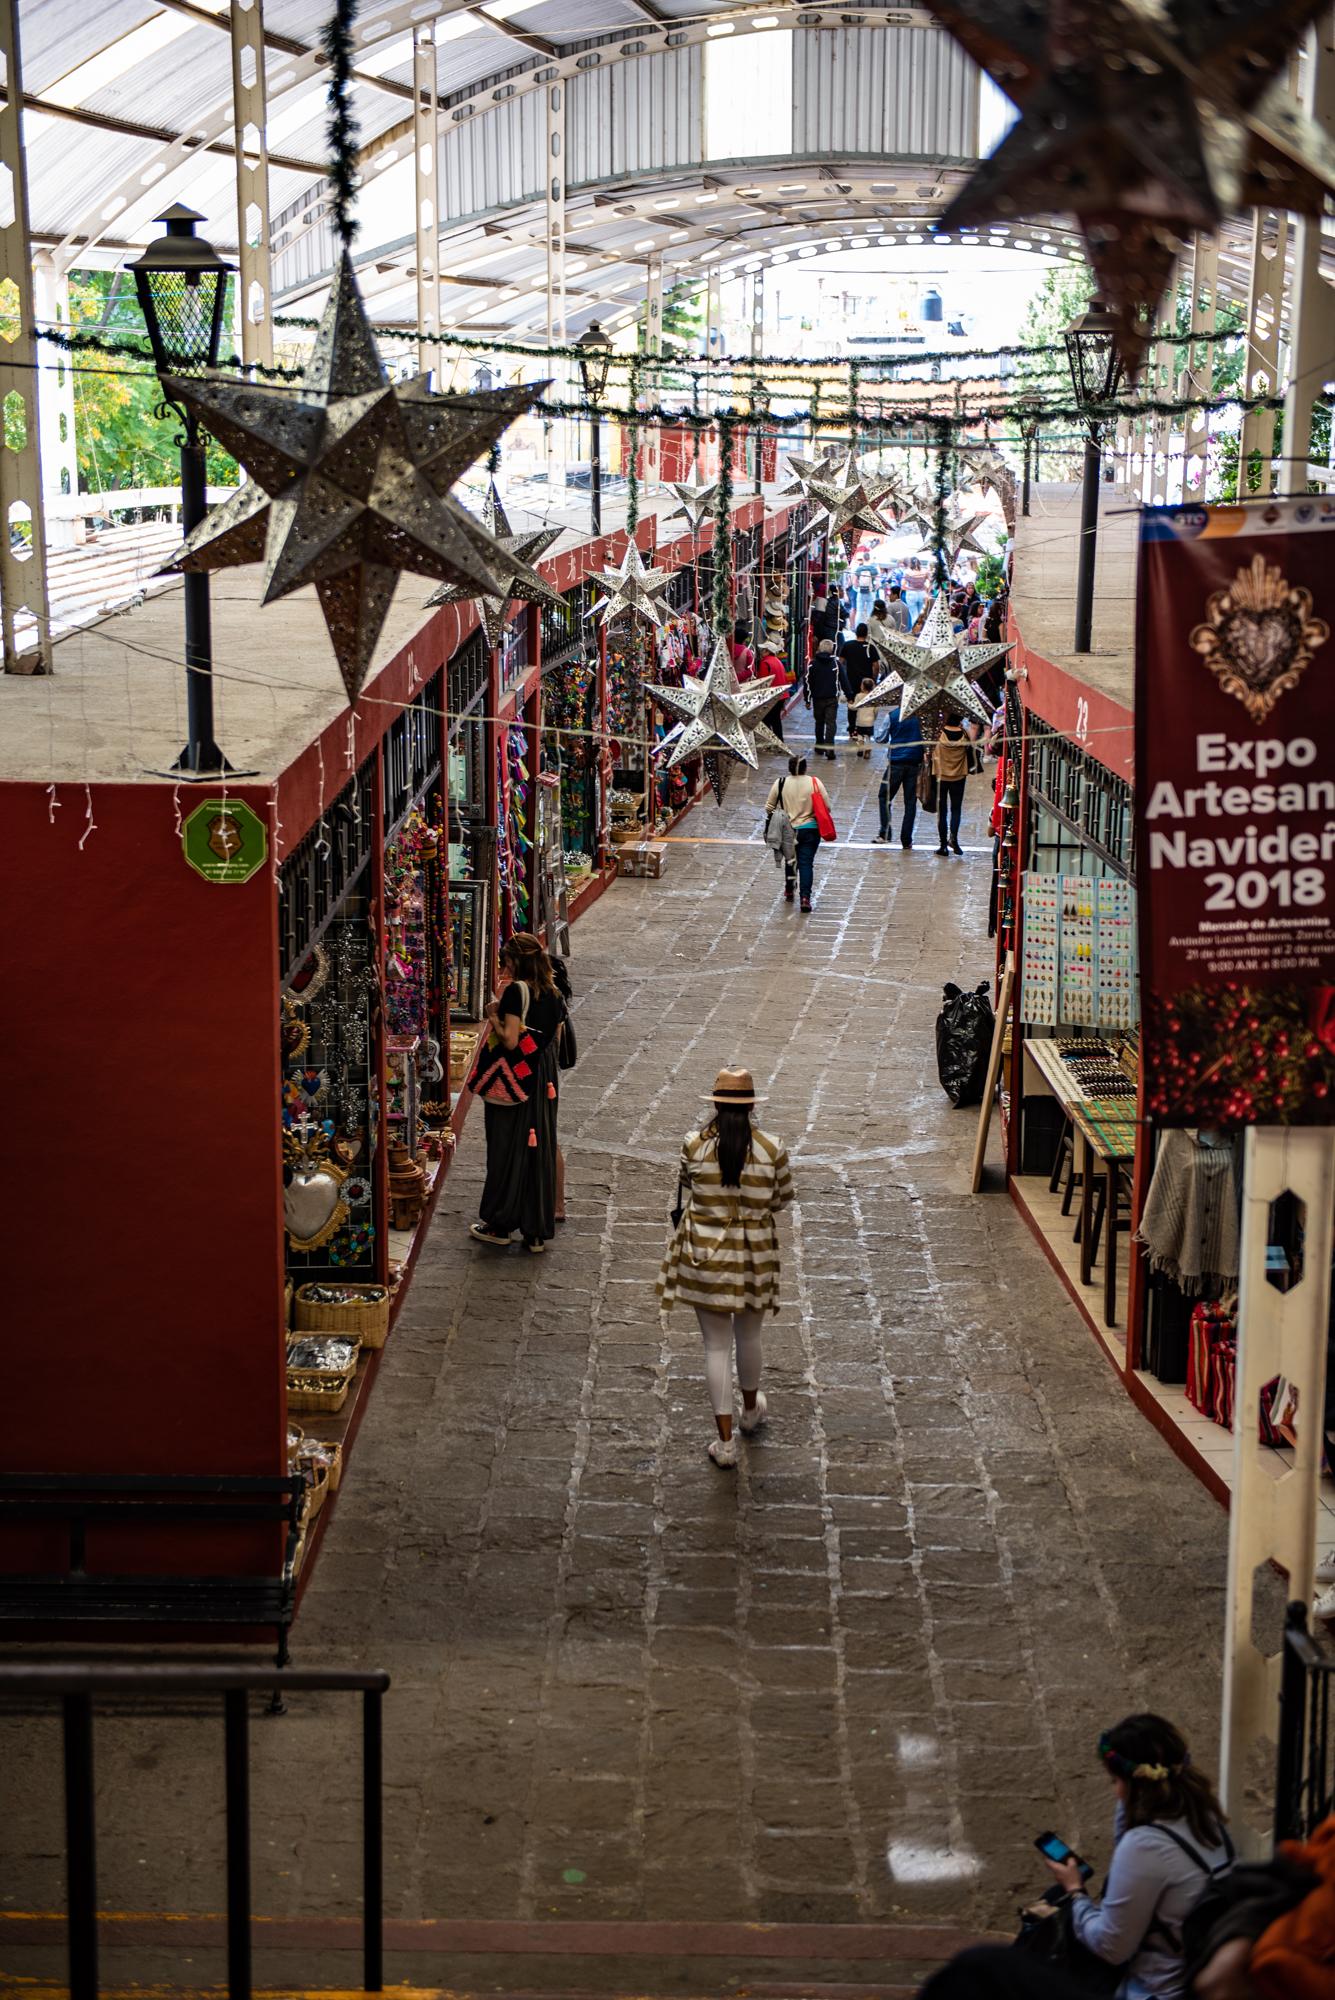 アルテサニアス市場はサン・ミゲル随一の巨大民芸品市場です。